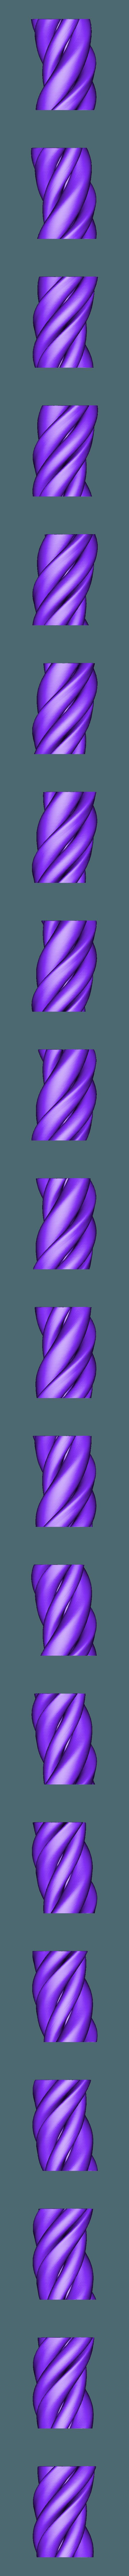 Vase 04.STL Télécharger fichier STL gratuit Vase Twist • Plan imprimable en 3D, saraguo000